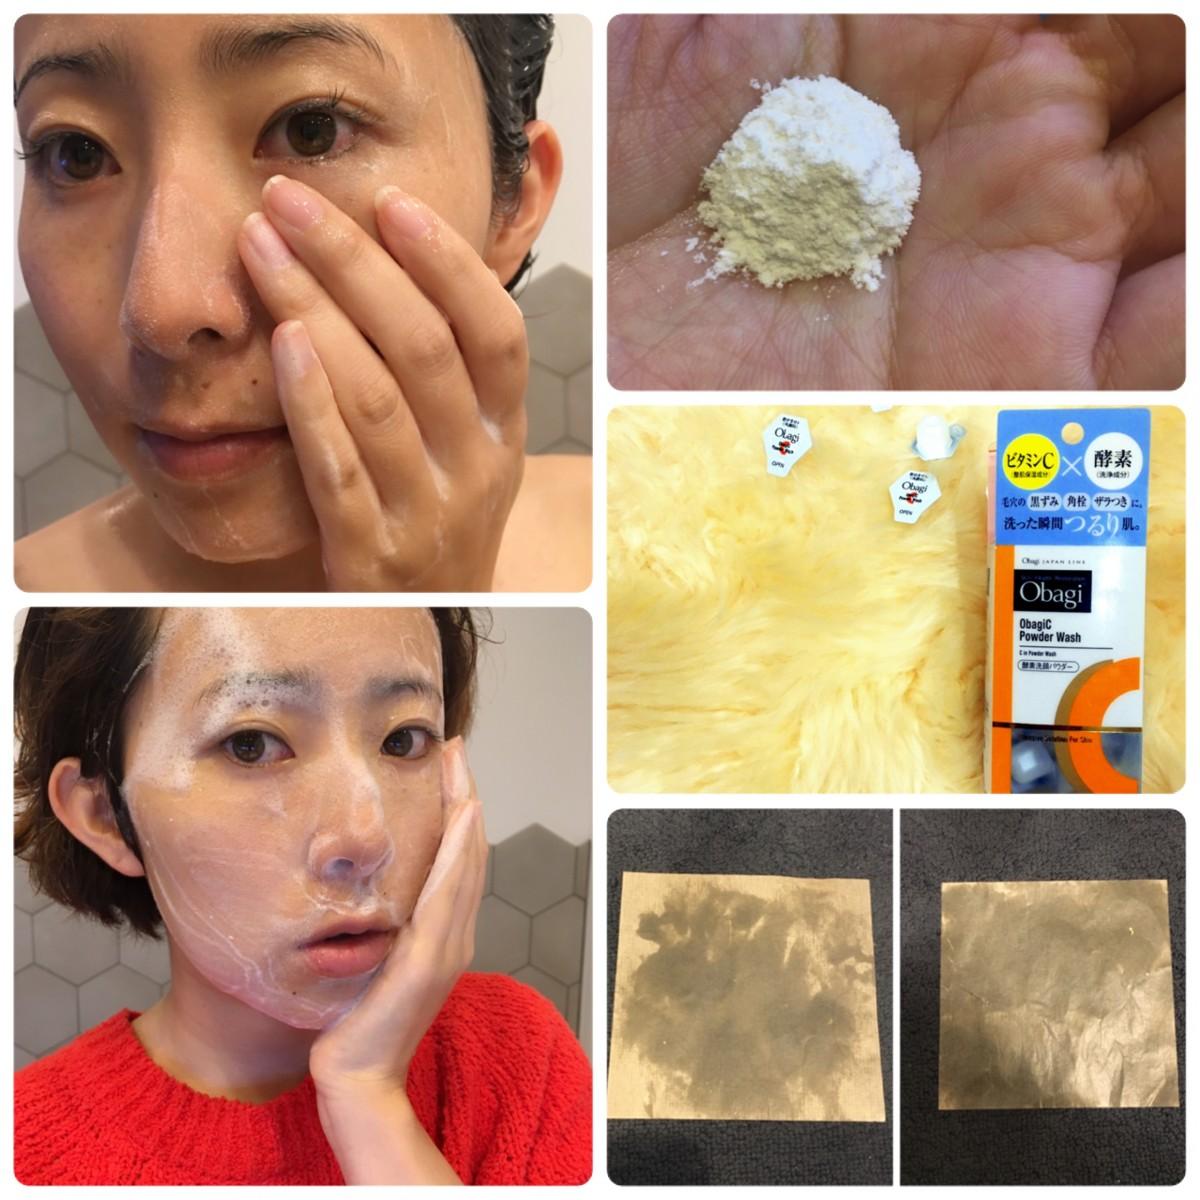 アナタは朝派?夜派?人気のオバジC 酵素洗顔パウダーAyakoのオススメ肌タイプ別使い方